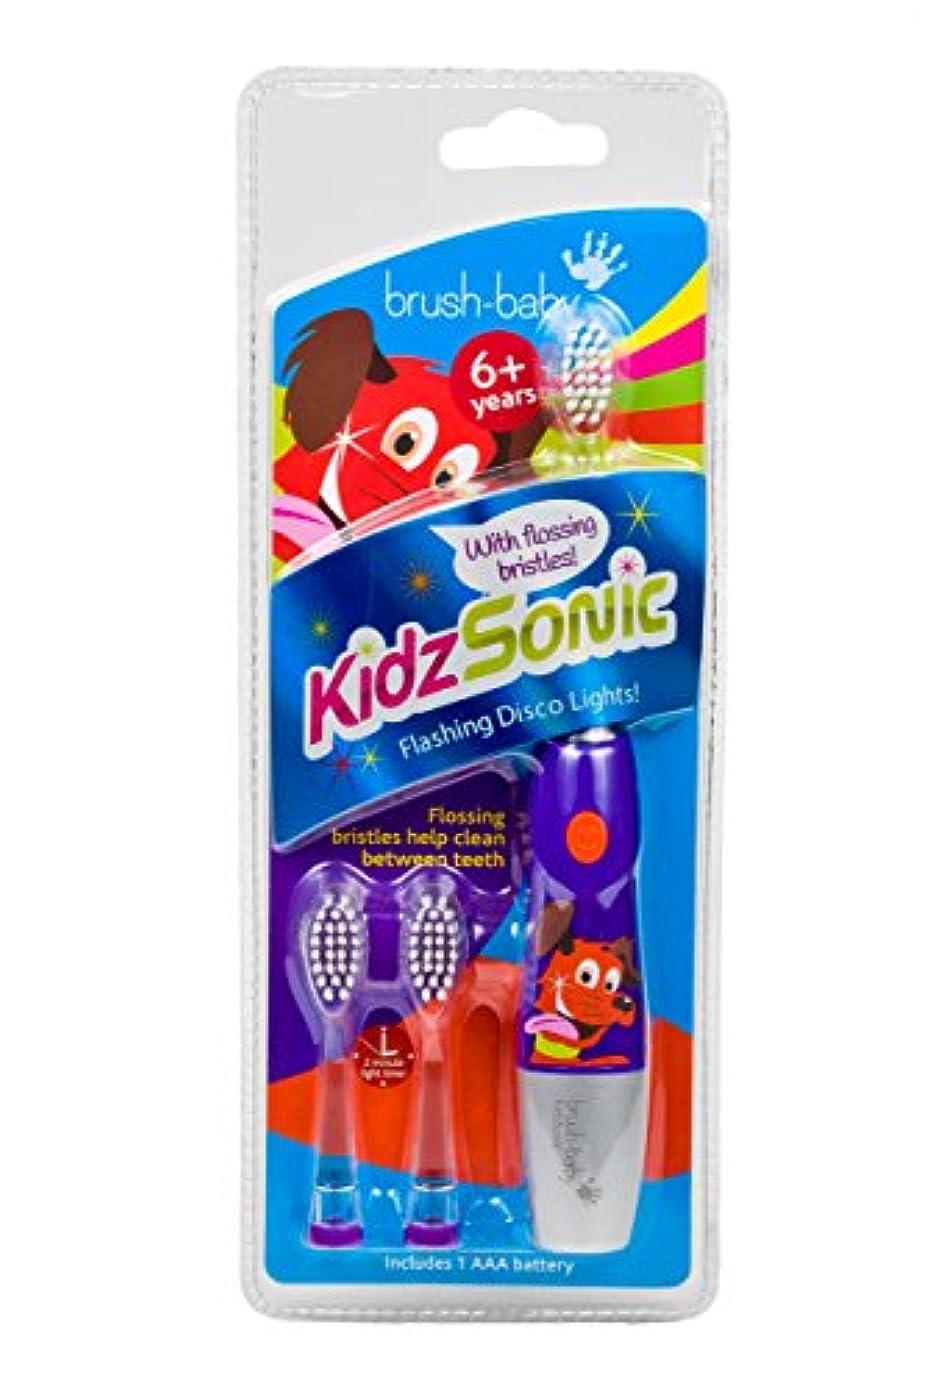 素晴らしいです伴うスーツBrush-Baby KidzSonic Electric Toothbrush 6+ years with flashing disco lights PURPLE - ブラシ - ベイビーKidzSonic電動歯ブラシ...